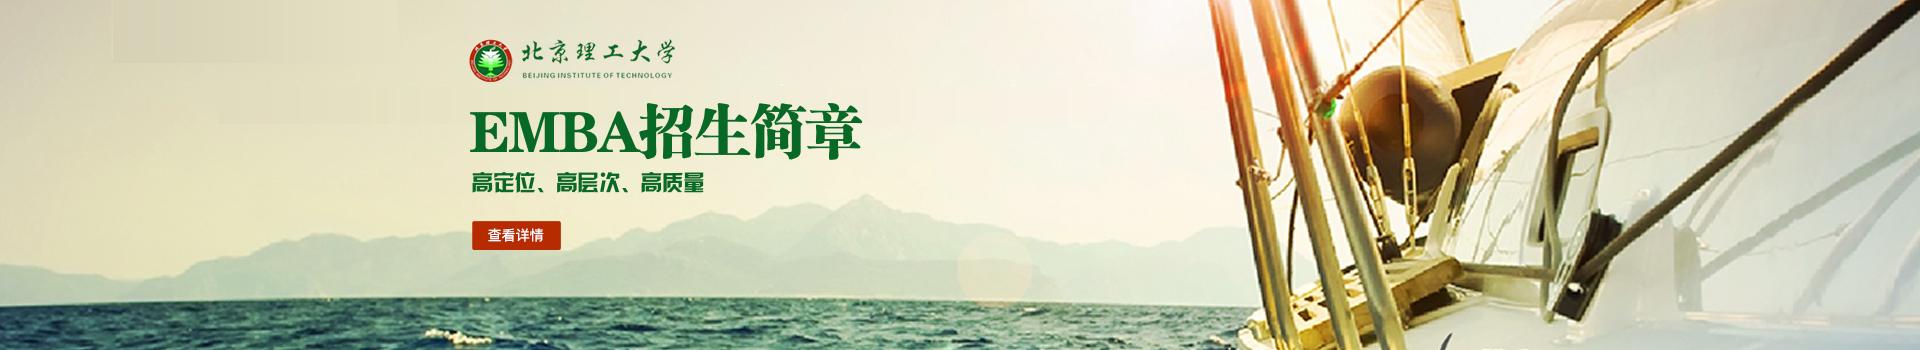 北京理工大学管理与经济学院高级工商管理硕士EMBA招生简章